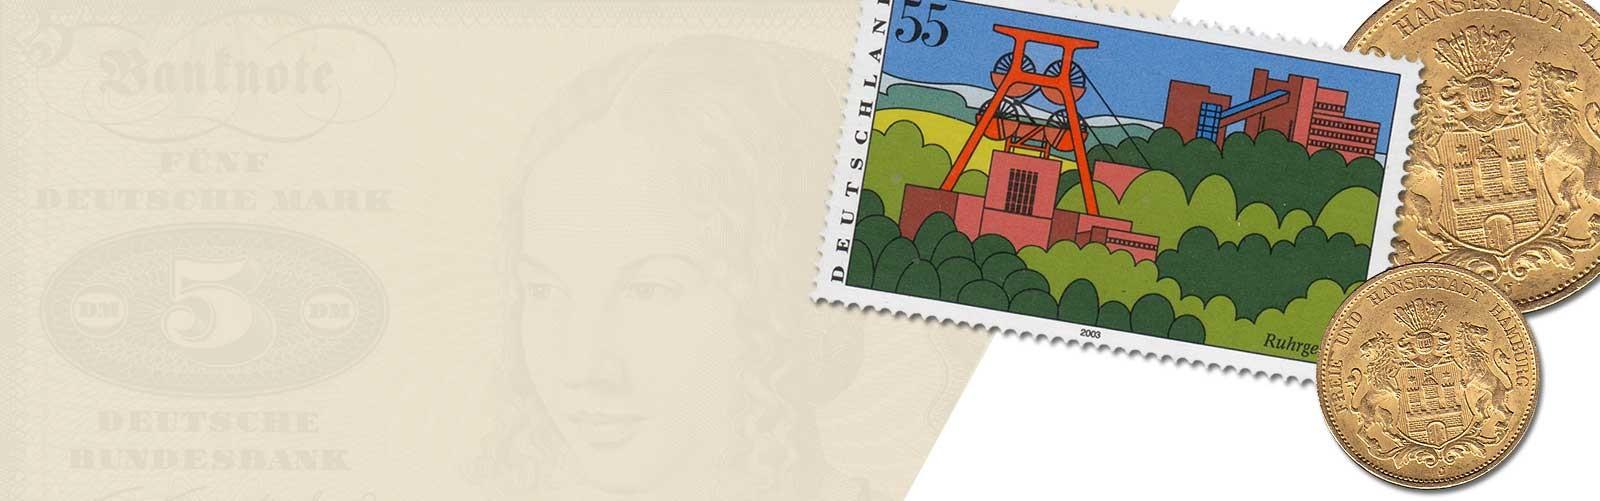 Münz und Briefmarken Ankauf Harms